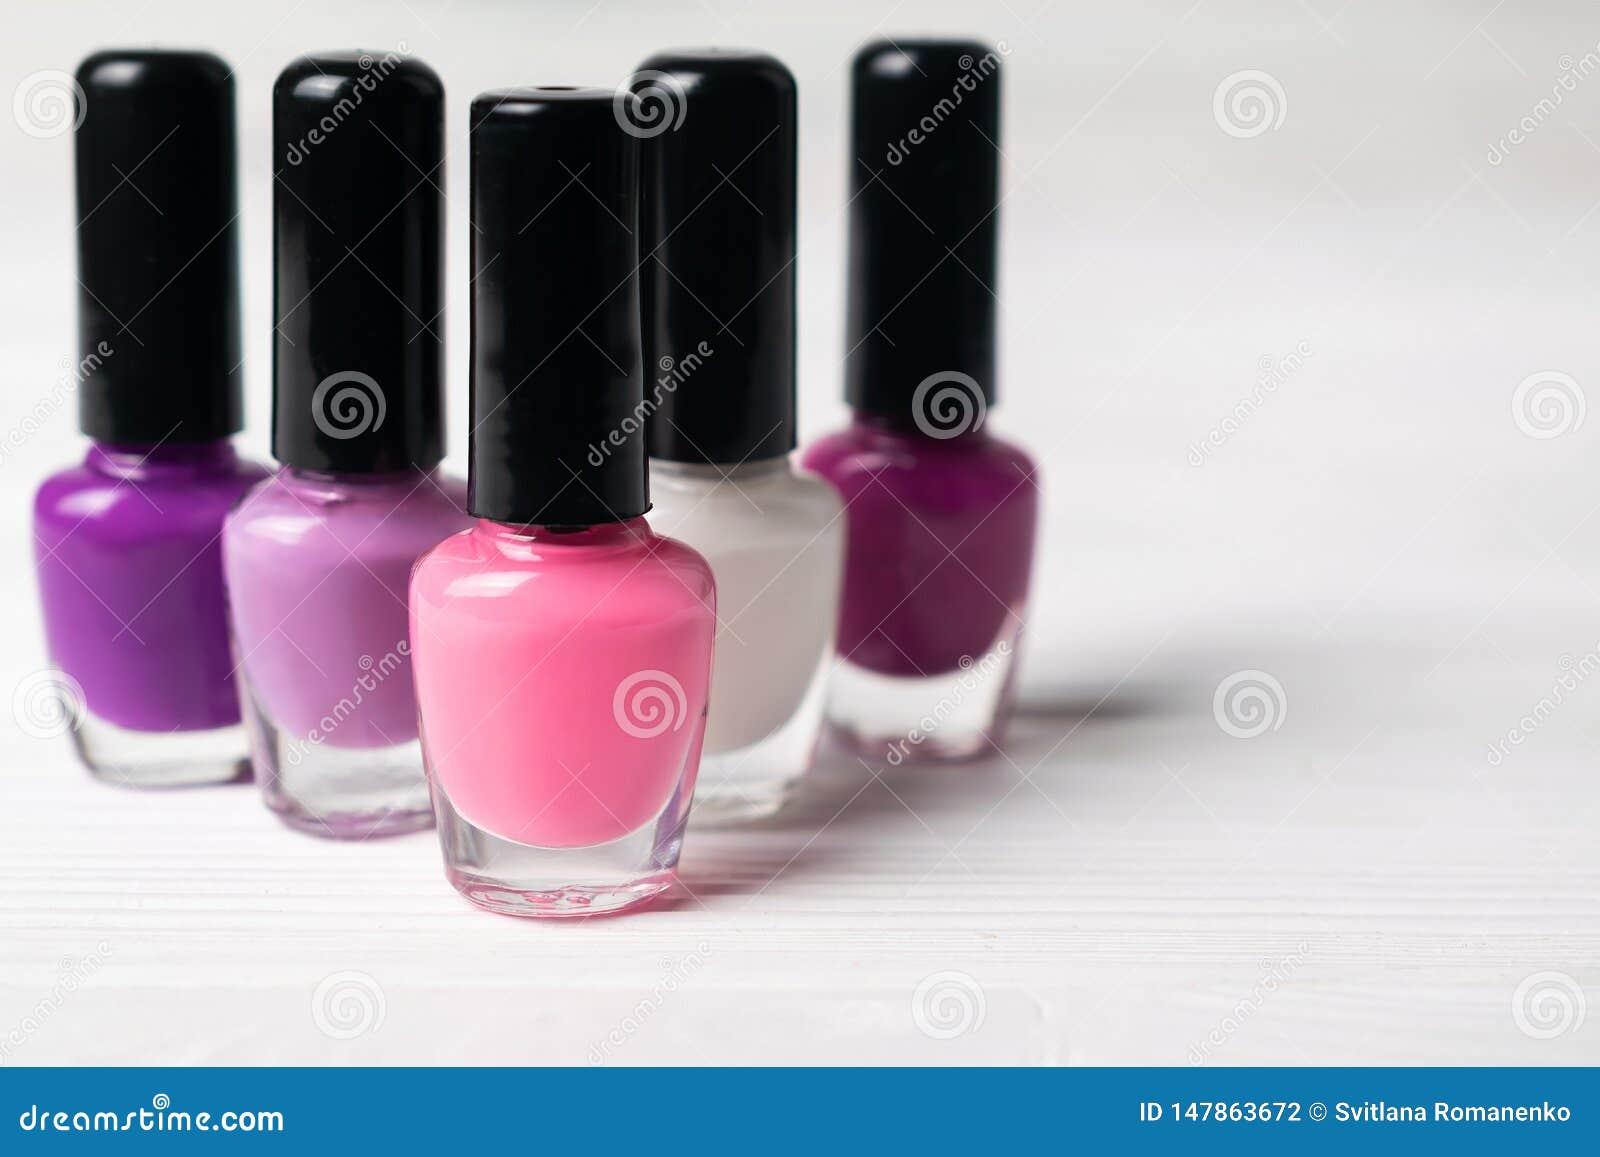 Ensemble de bouteilles colorées de rose et violettes de vernis à ongles